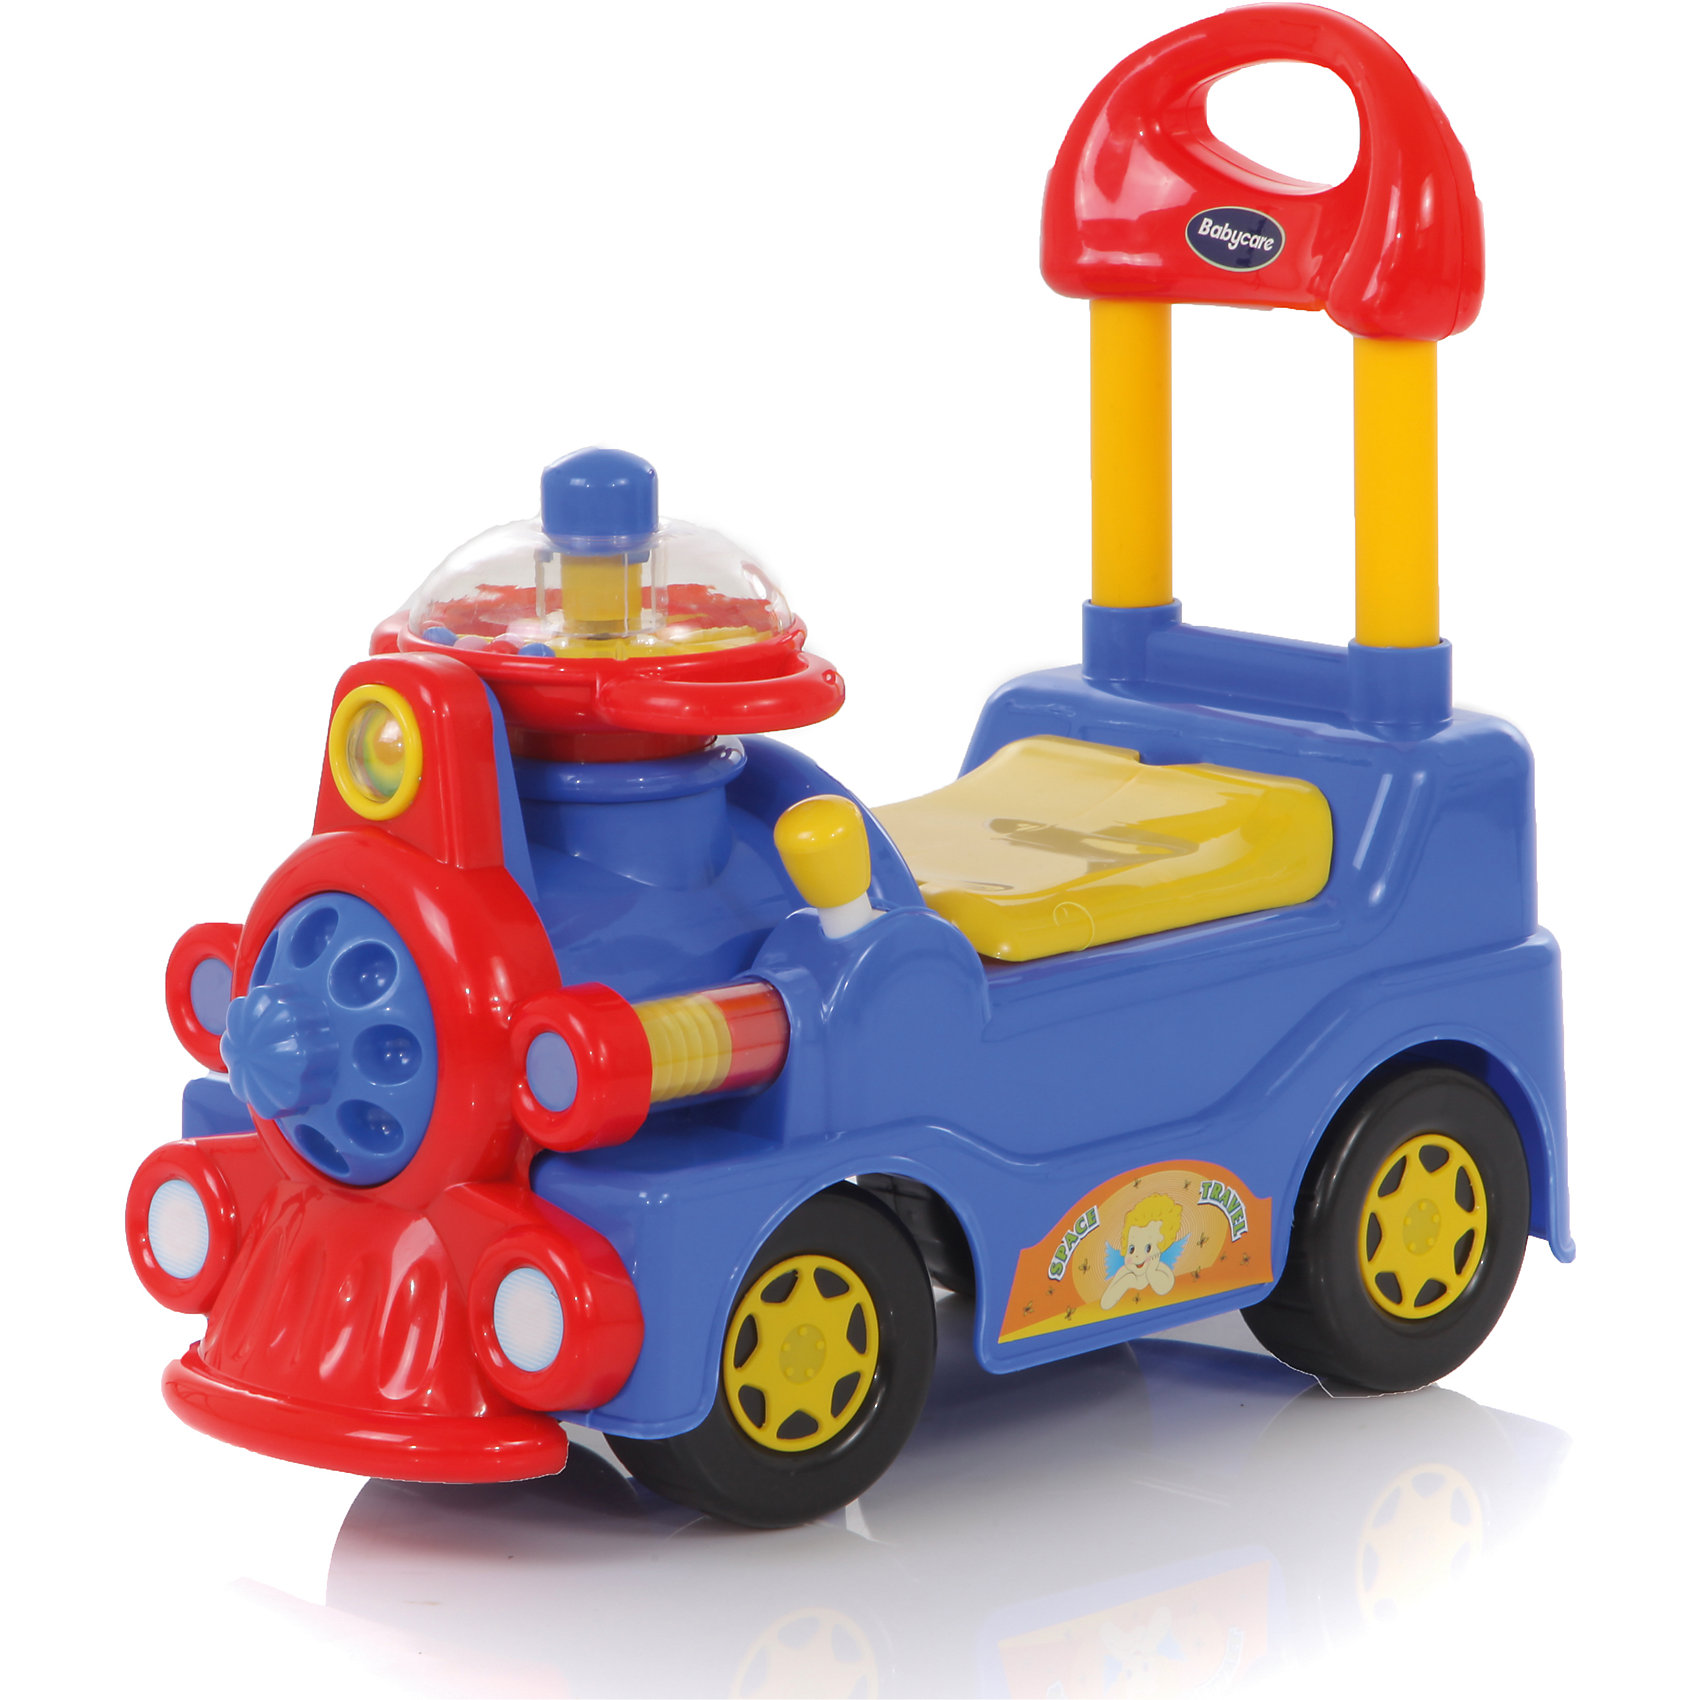 Каталка Train, синяя, Baby CareМашинки-каталки<br>Характеристики товара:<br><br>• возраст от 1 года;<br>• материал: пластик;<br>• размер упаковки 57х27х51 см;<br>• вес упаковки 3 кг;<br>• страна производитель: Китай.<br><br>Каталка Train Baby Care синяя выполнена в виде паровозика с рулем, колесиками и удобным сидением со спинкой. Когда малыш только учится ходить, он может, держась за спинку сидения, делать свои первые шаги и будет учиться держать равновесие самостоятельно. Детишки постарше используют каталку как необычное транспортное средство и ездят, отталкиваясь ножками от земли. Так малыш учится координировать движения, укрепляет ноги. Руль каталки оснащен рычажками, нажимая на которые издаются звуки. Каталка выполнена из прочного пластика, безопасного для детей.<br><br>Каталку Train Baby Care синюю можно приобрести в нашем интернет-магазине.<br><br>Ширина мм: 570<br>Глубина мм: 270<br>Высота мм: 510<br>Вес г: 3000<br>Возраст от месяцев: 12<br>Возраст до месяцев: 48<br>Пол: Унисекс<br>Возраст: Детский<br>SKU: 5614432